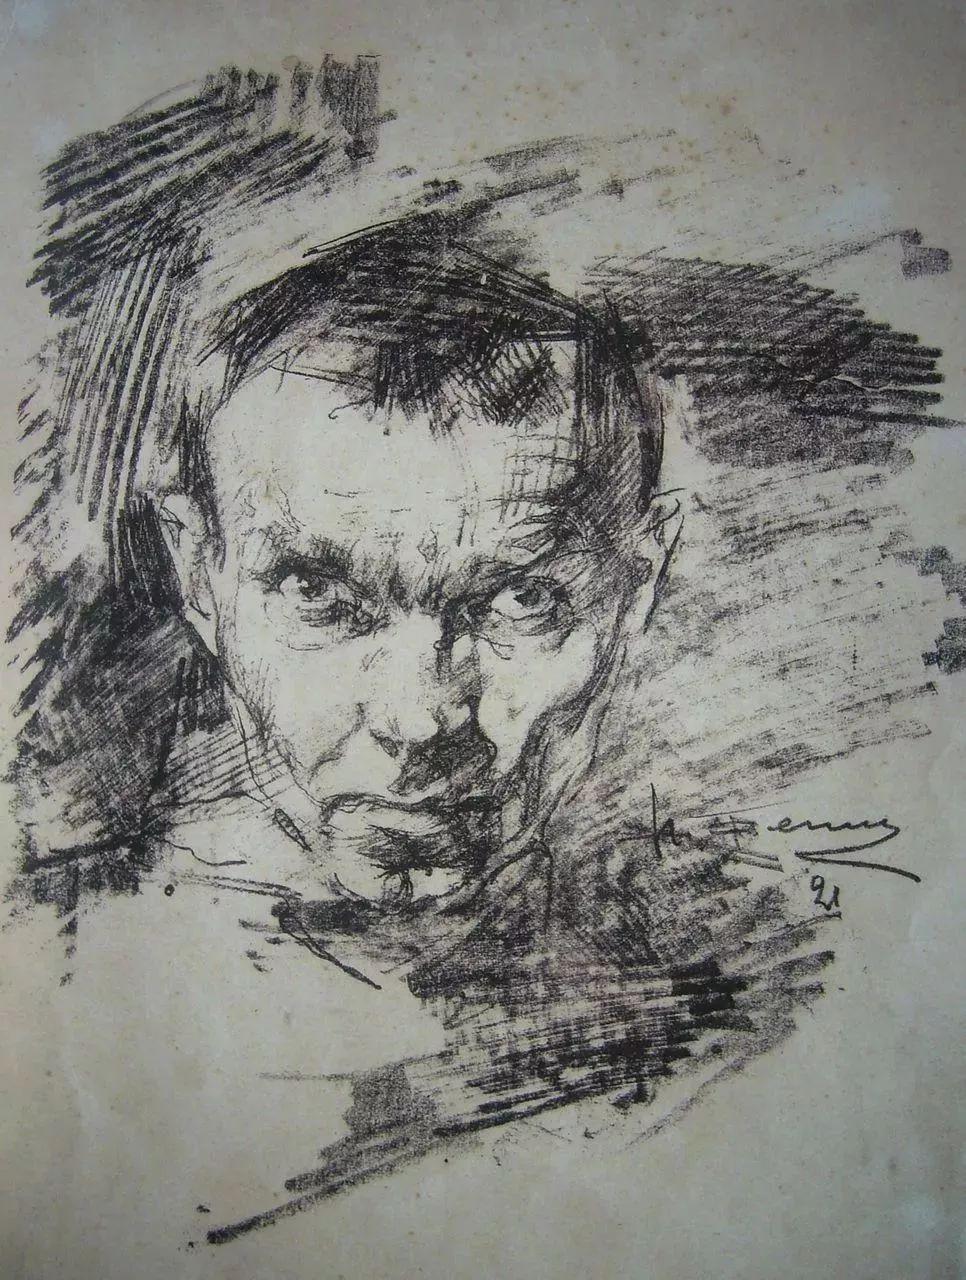 一个身在异国的孤独破壁者——费钦插图219